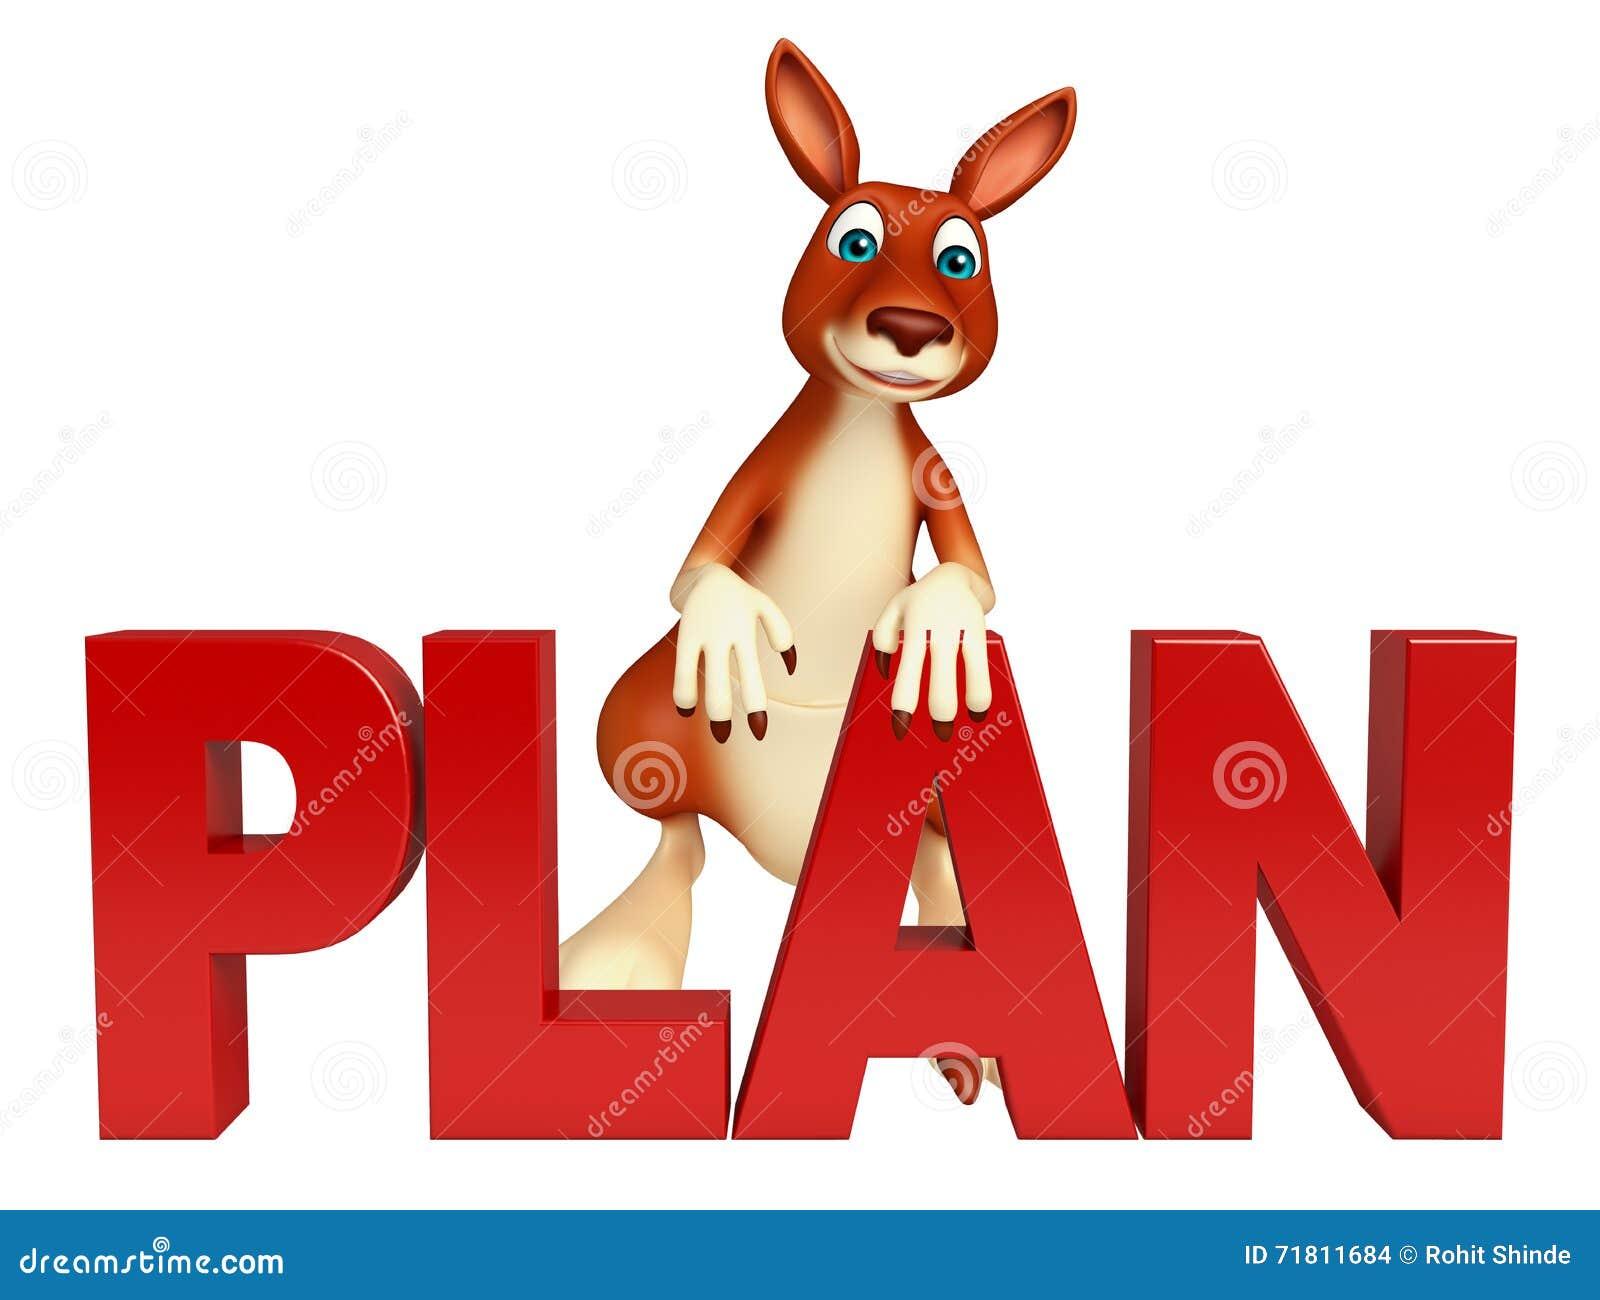 Kangaroo Cartoon Character With Plan Sign Stock